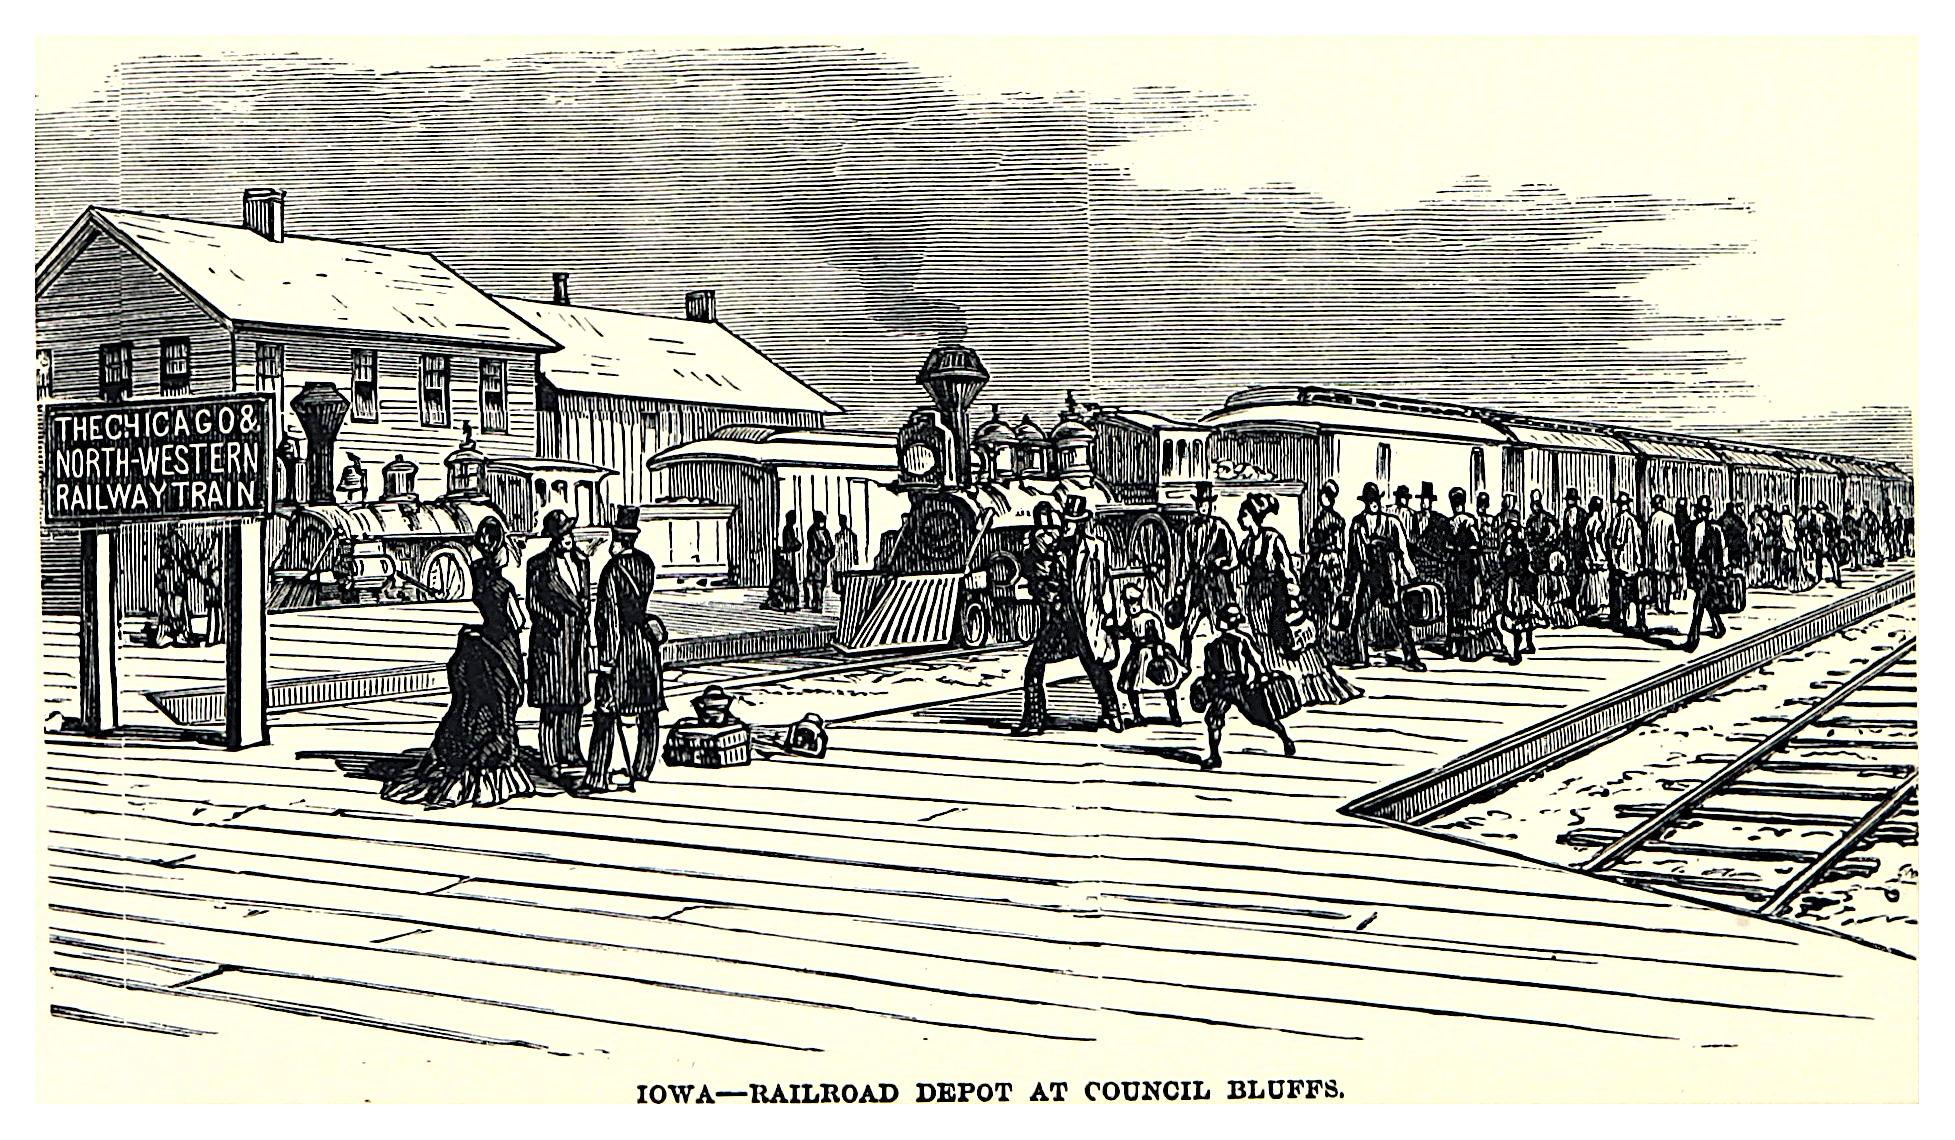 Railroad Depot at Council Bluffs, Iowa, 1882